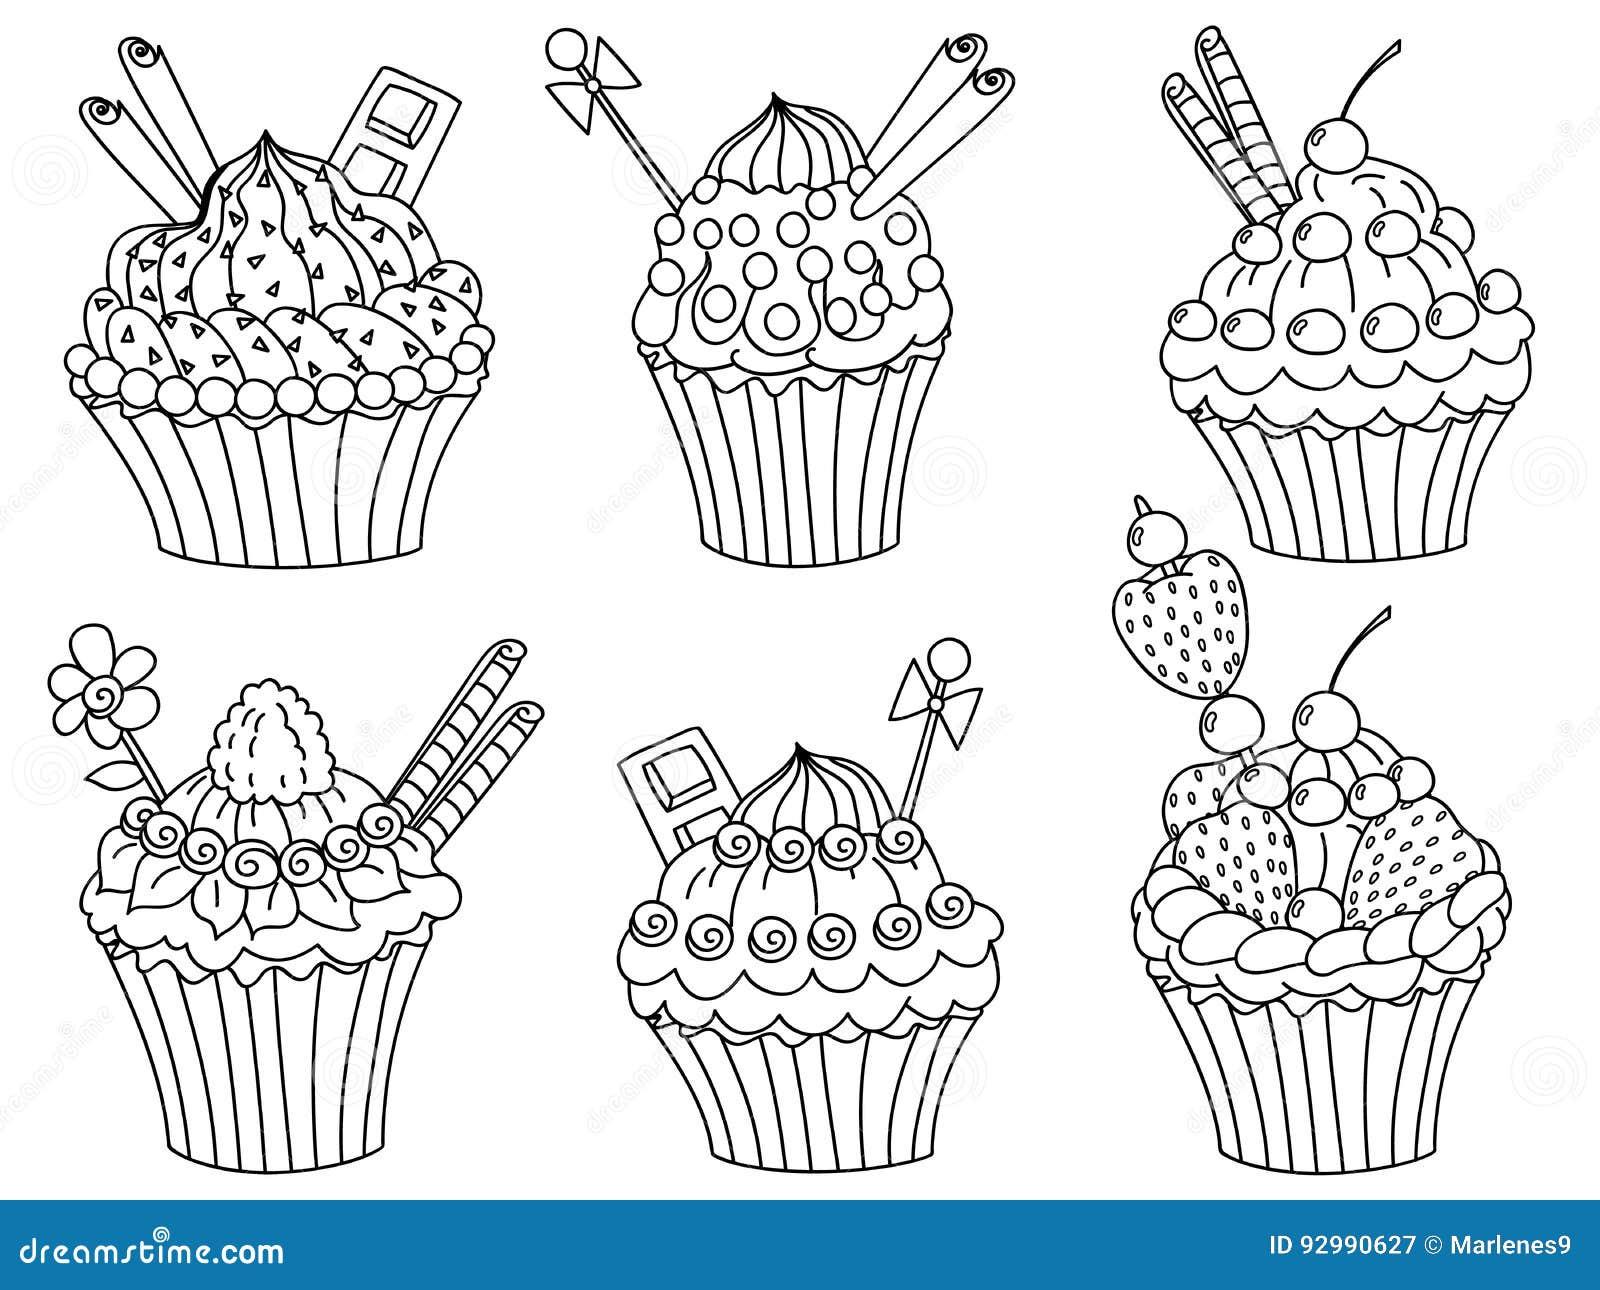 Vektor Kleine Kuchen Eingestellt Kleiner Kuchen Clipart Vektor